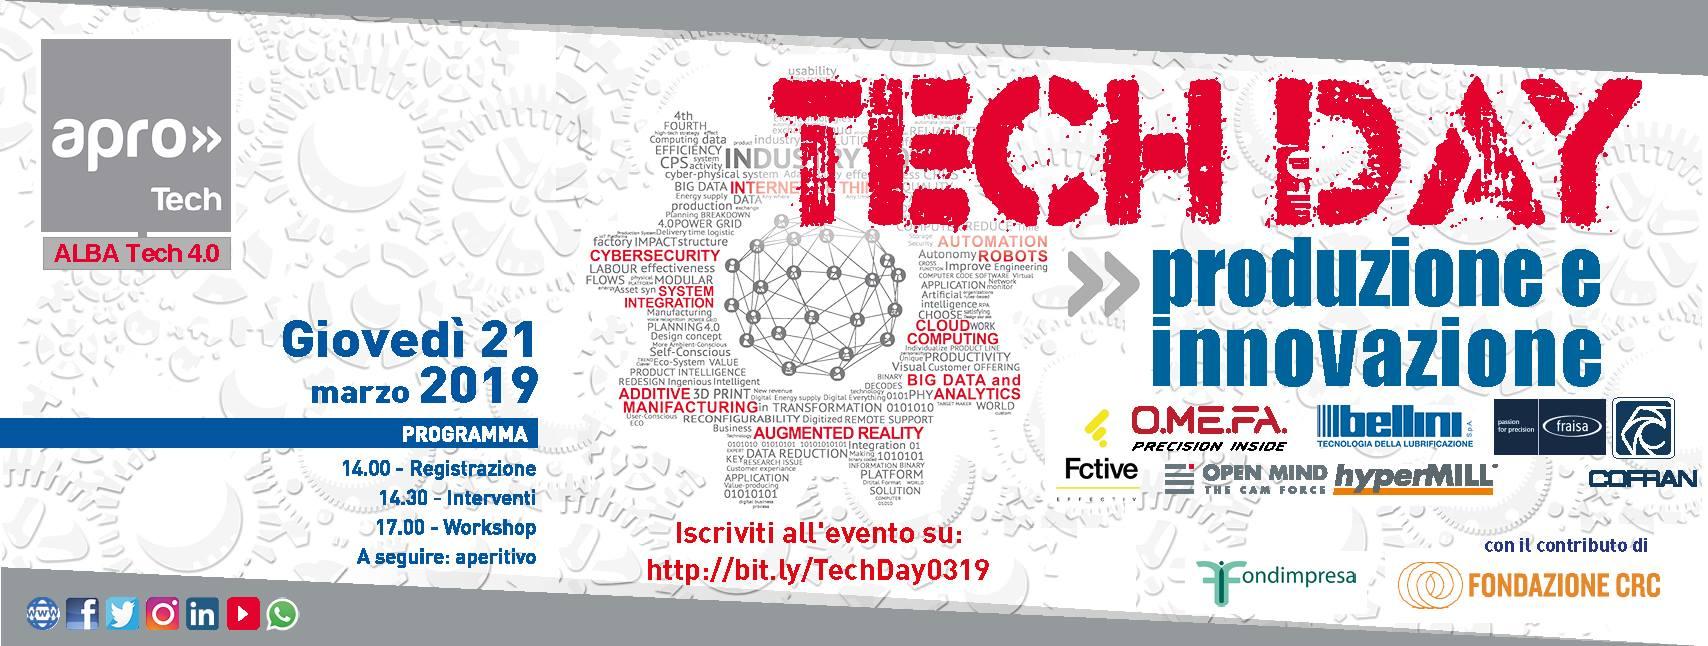 Aprotech tech Day